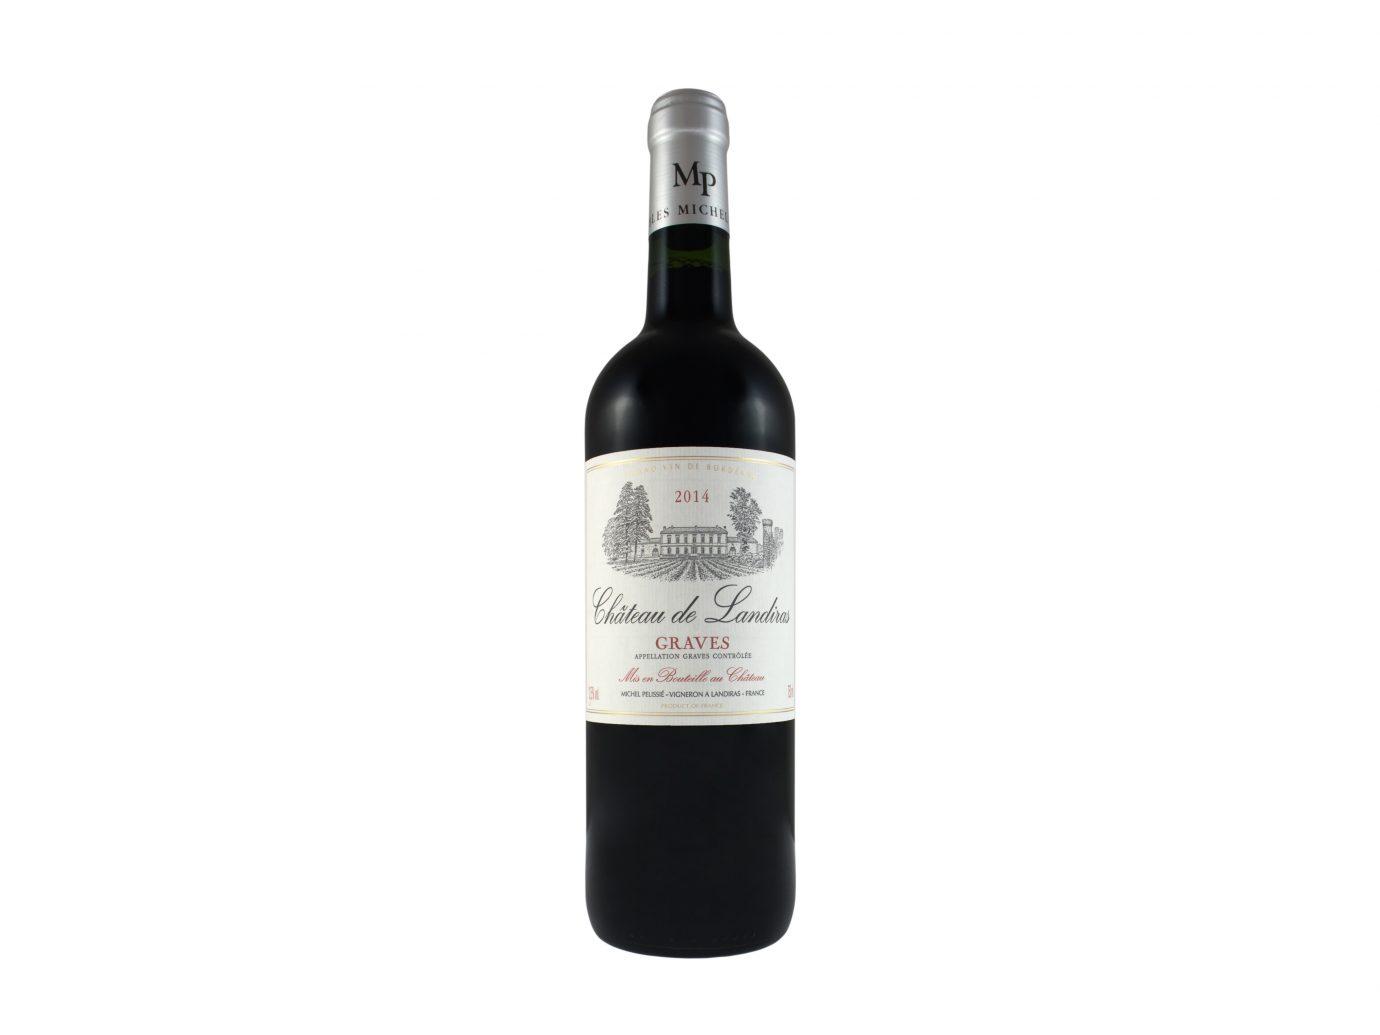 Chateau de Landiras 2014 Wine